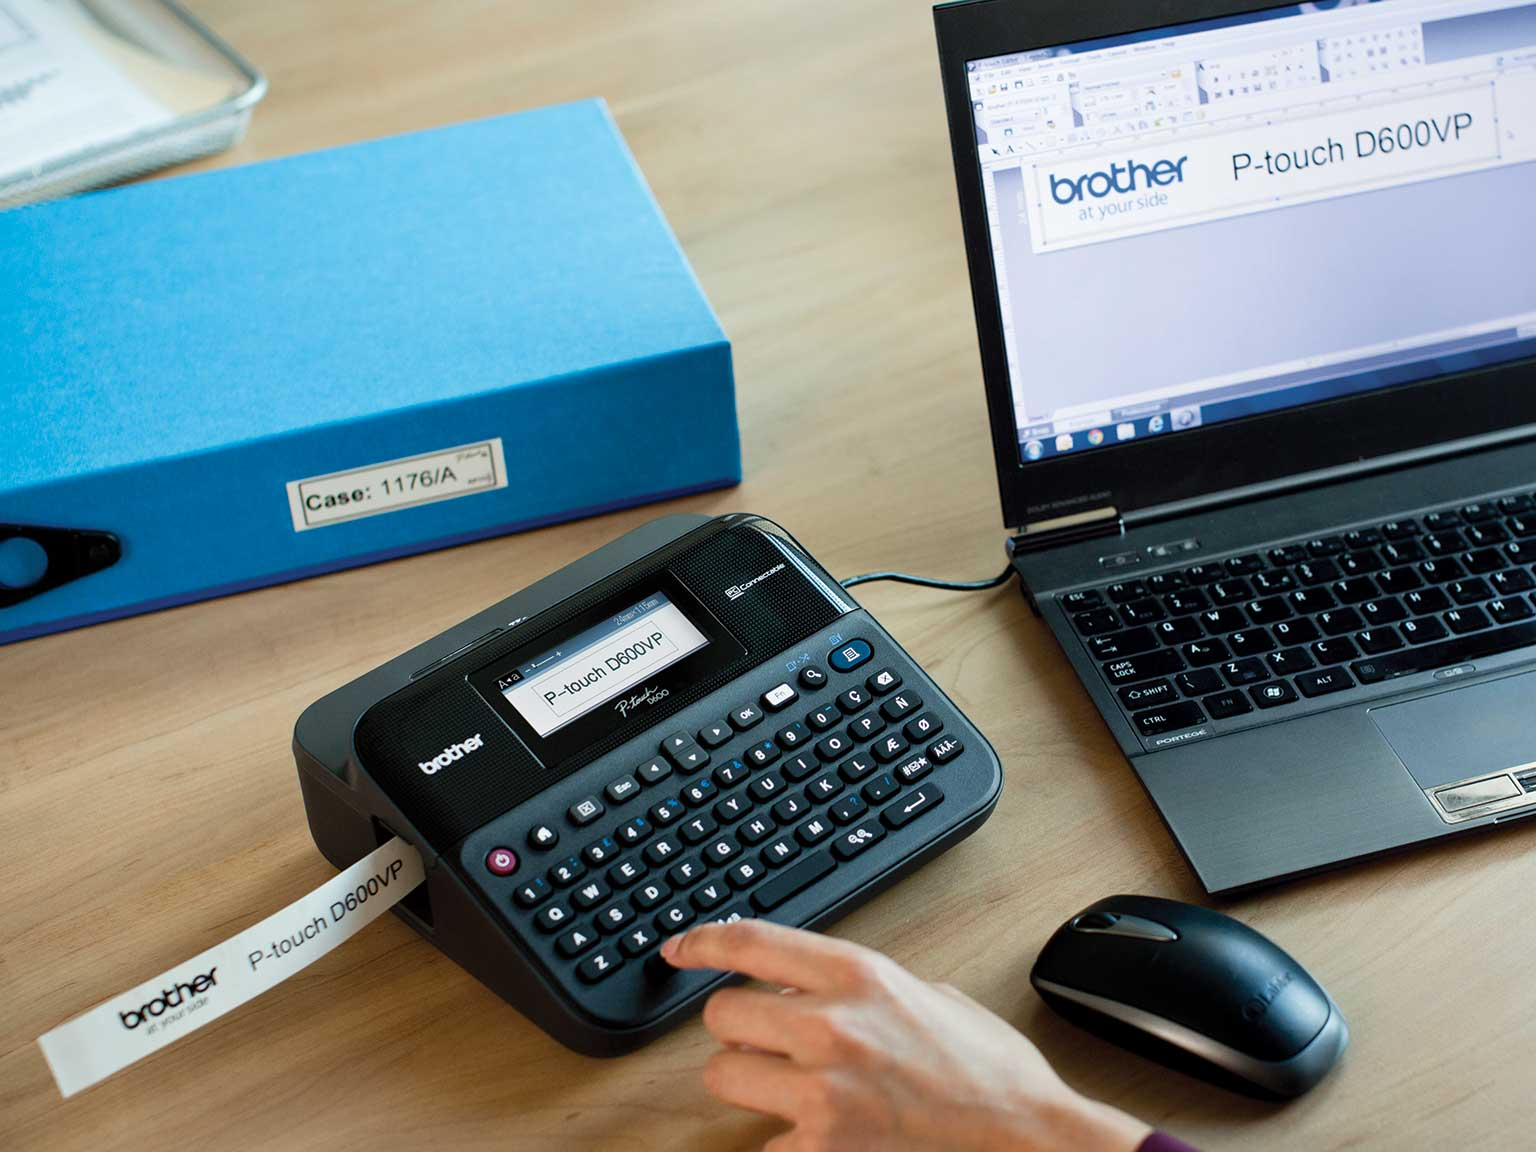 P-touch tartós címkenyomtató számítógéphez csatlakoztatva egy irodai íróasztalon